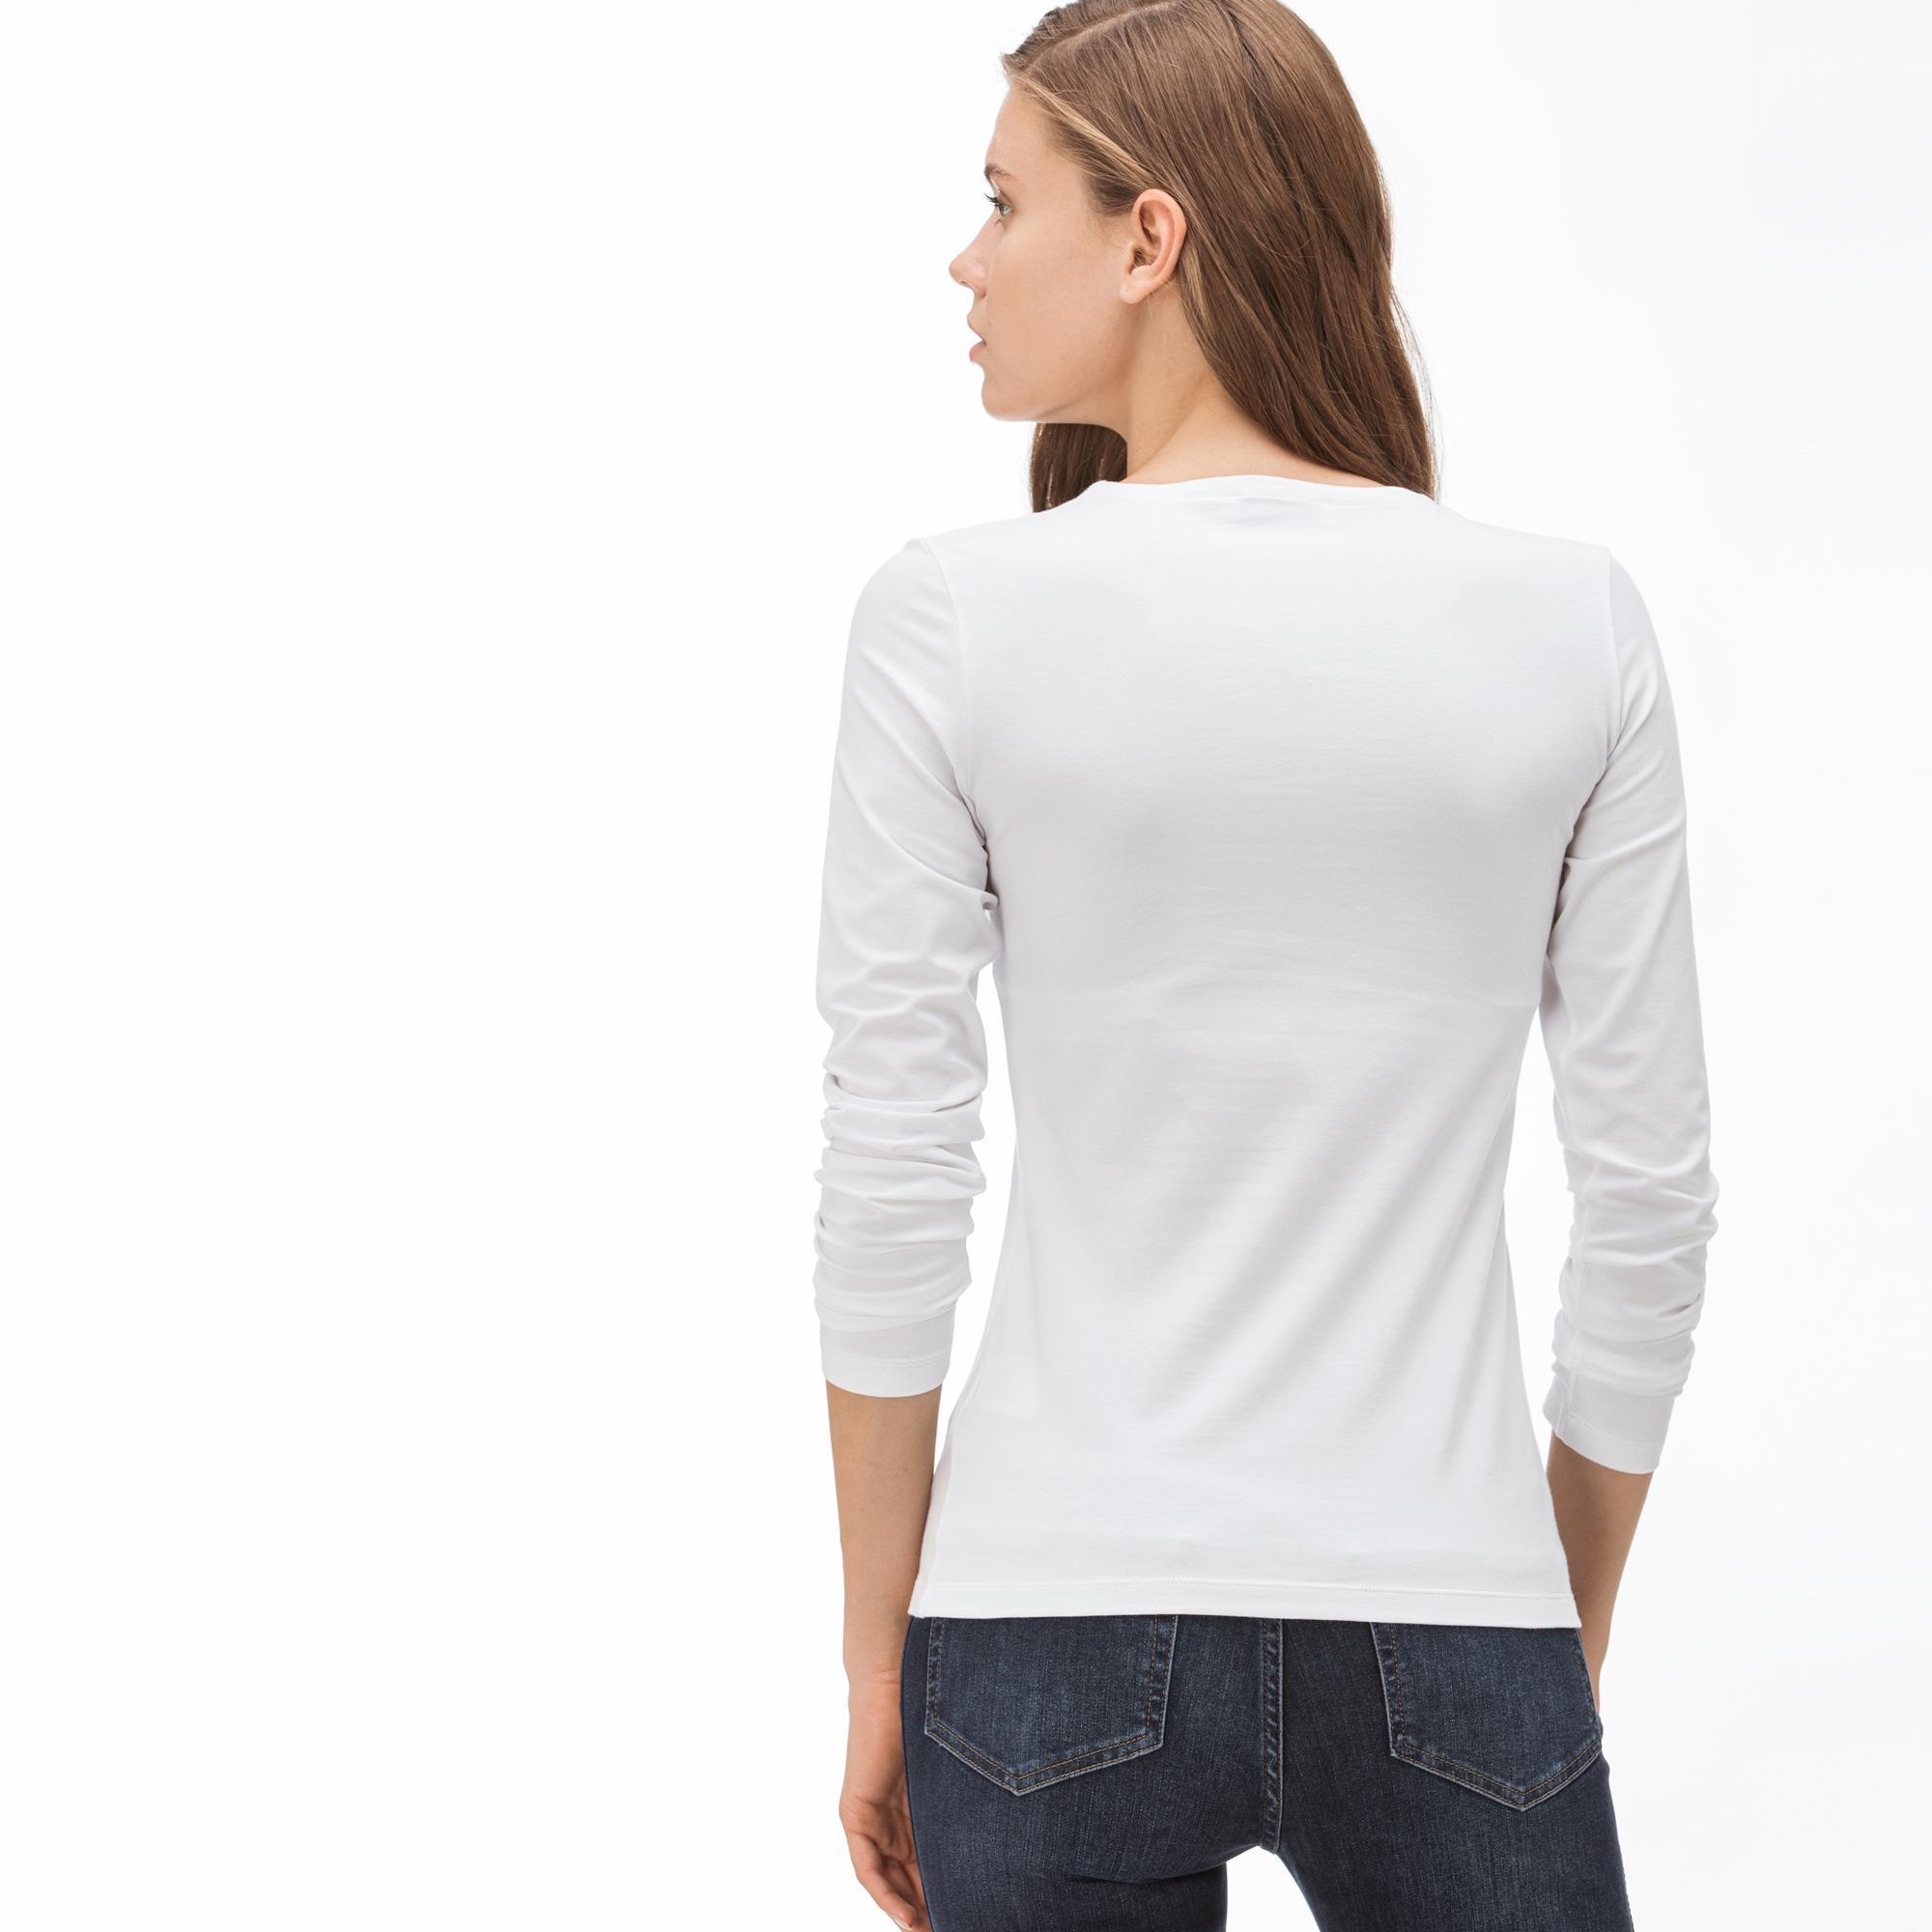 Lacoste Kadın V Yaka Uzun Kollu Beyaz T-Shirt